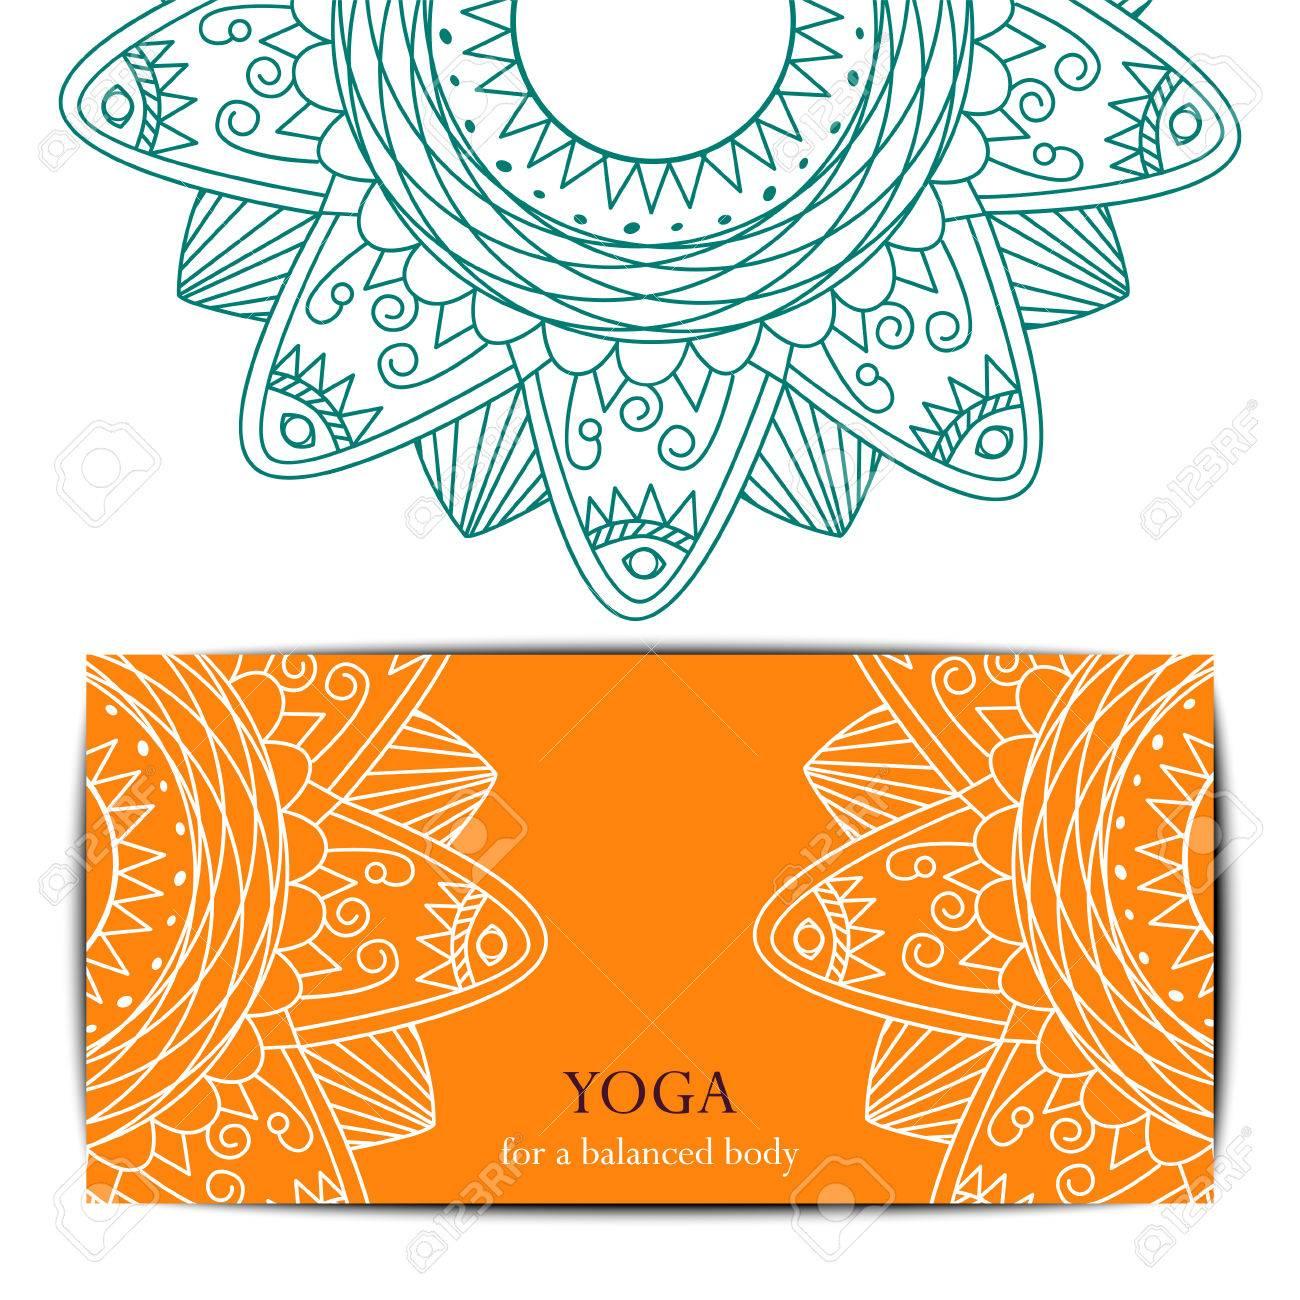 yoga class schedule template